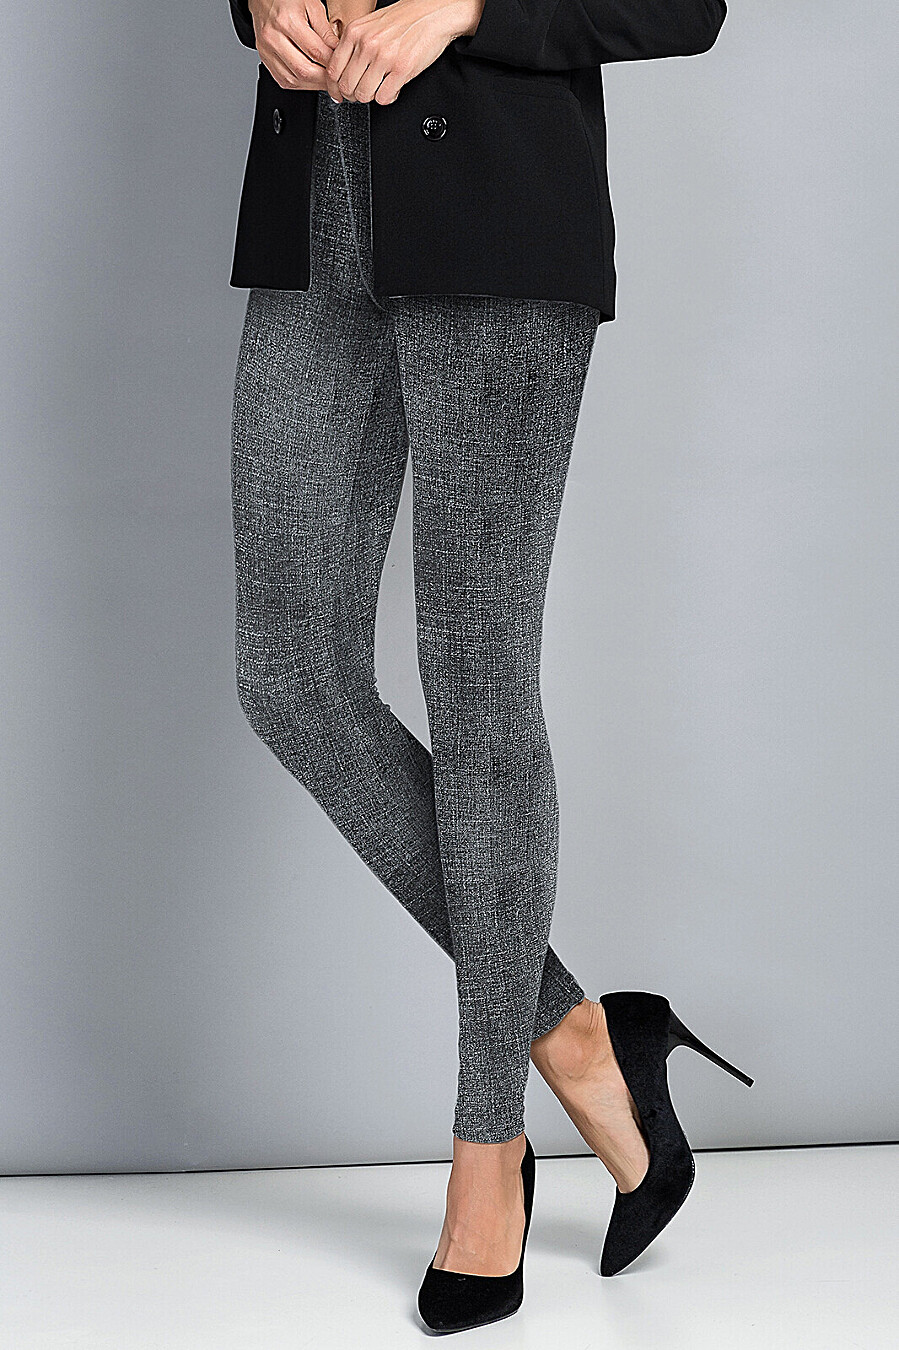 Легинсы для женщин JADEA 157149 купить оптом от производителя. Совместная покупка женской одежды в OptMoyo